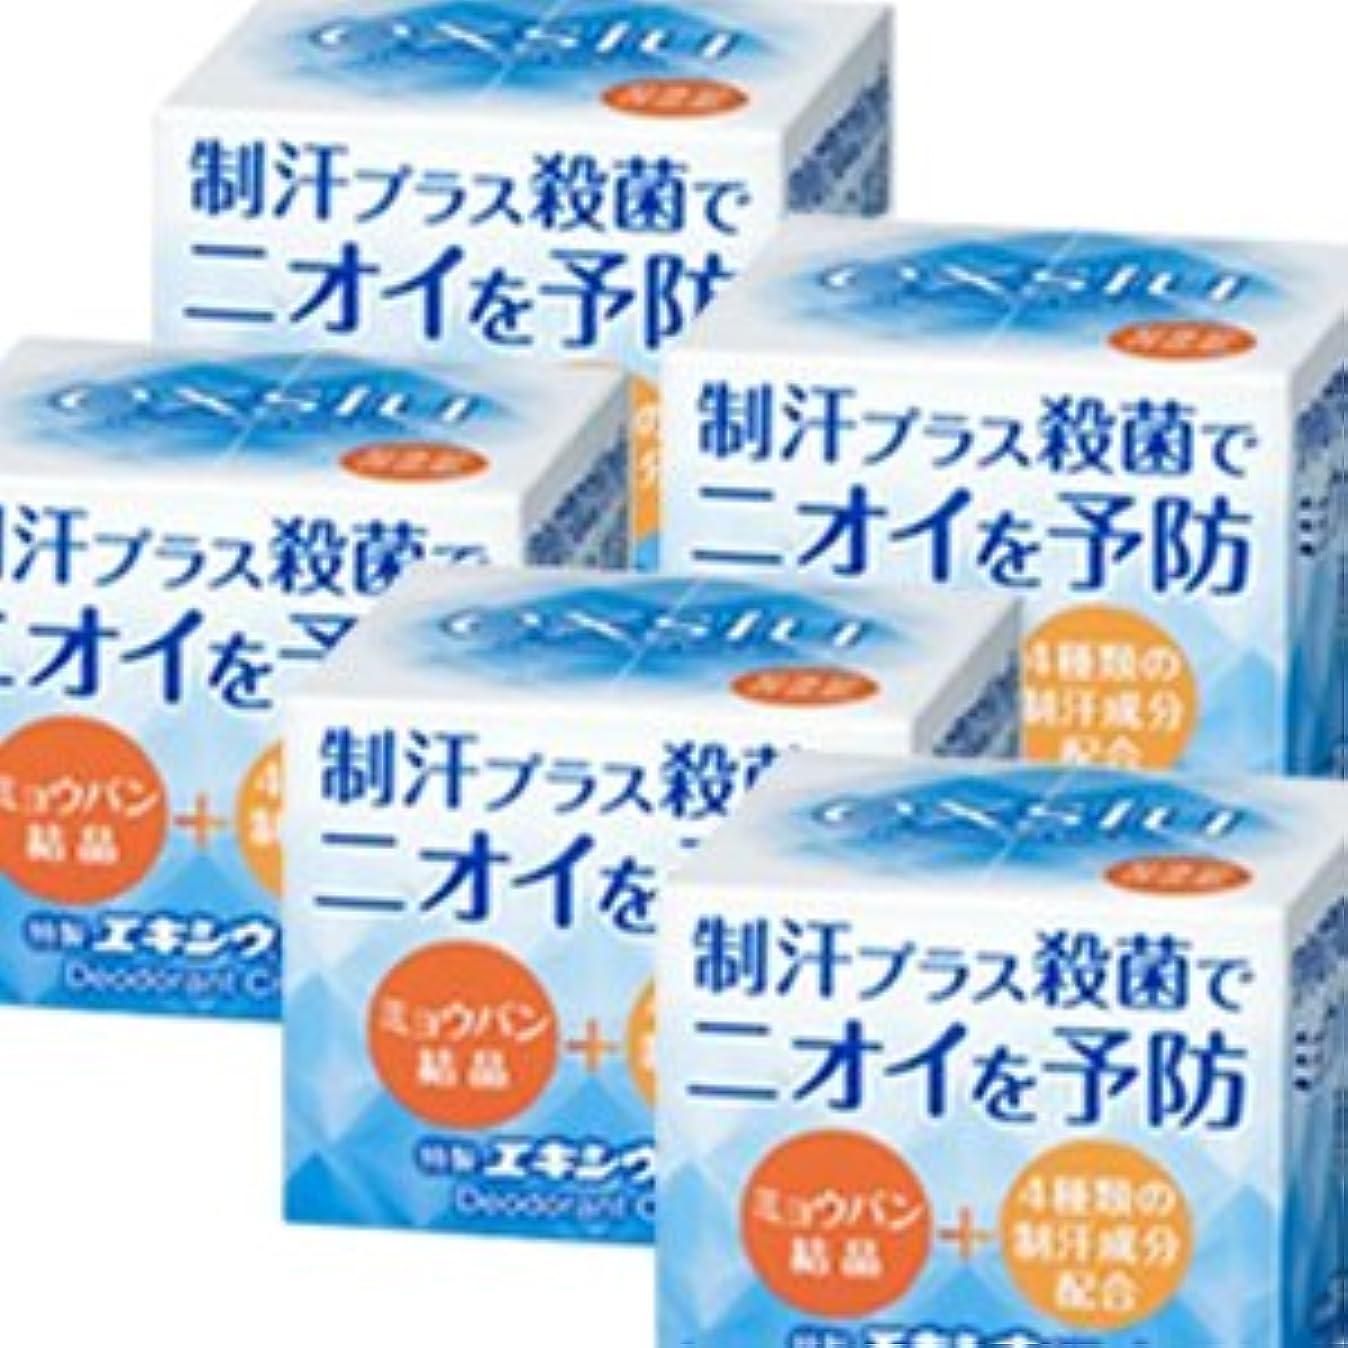 海里交換可能粘性の【5個】 特製エキシウクリーム 30gx5個 (4987145200228)